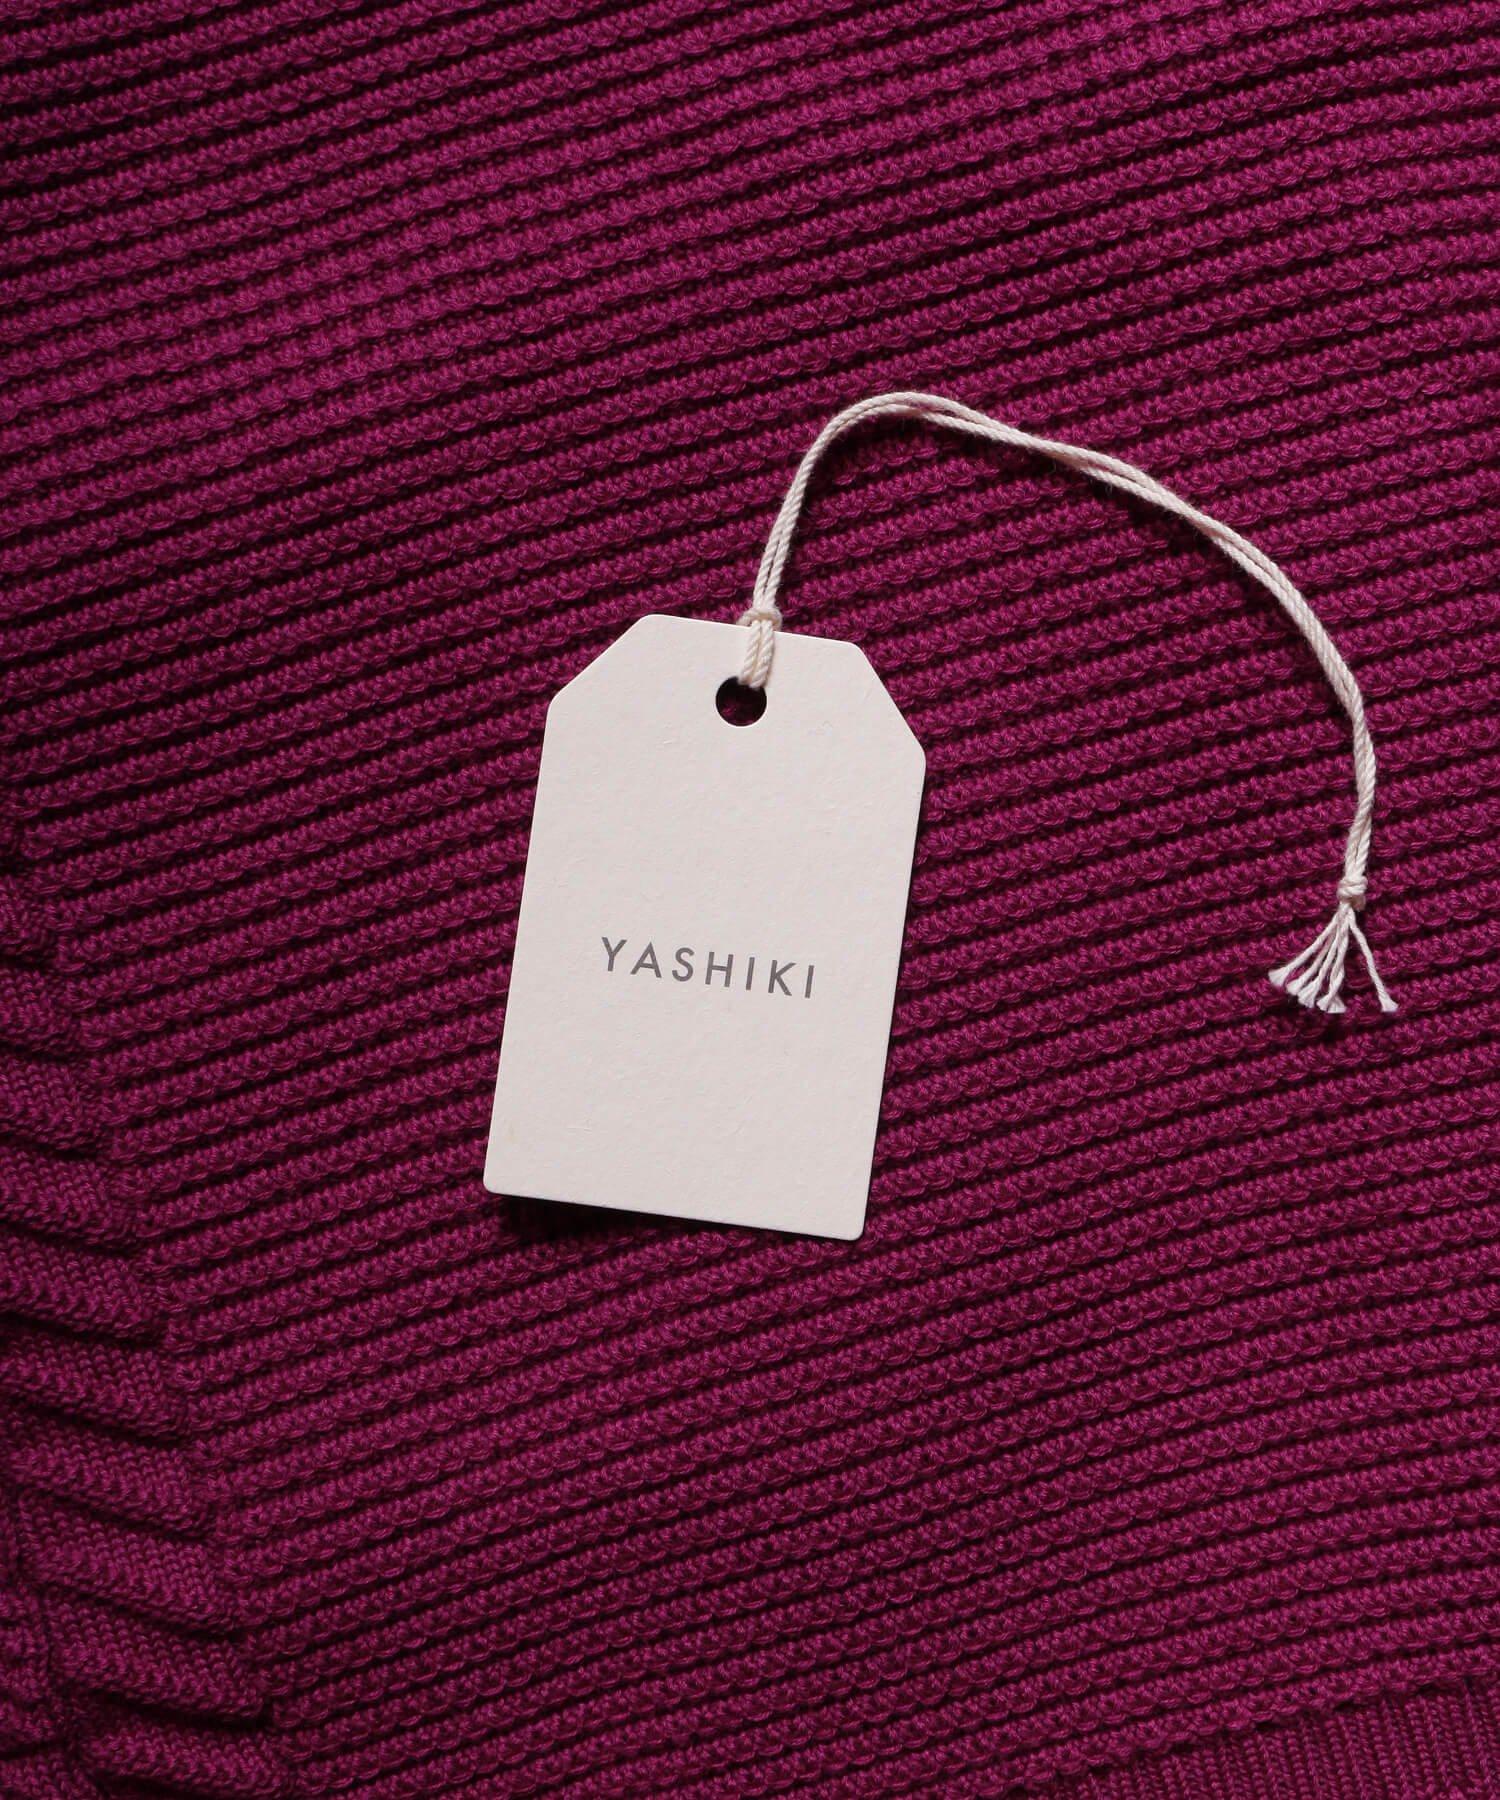 YASHIKI / ヤシキ  YASHIKI / ヤシキ × SIDEMILITIA inc. / サイドミリティア  SHIGURE CARDIGAN (LIMITED PURPLE/WOMEN'S) 商品画像12